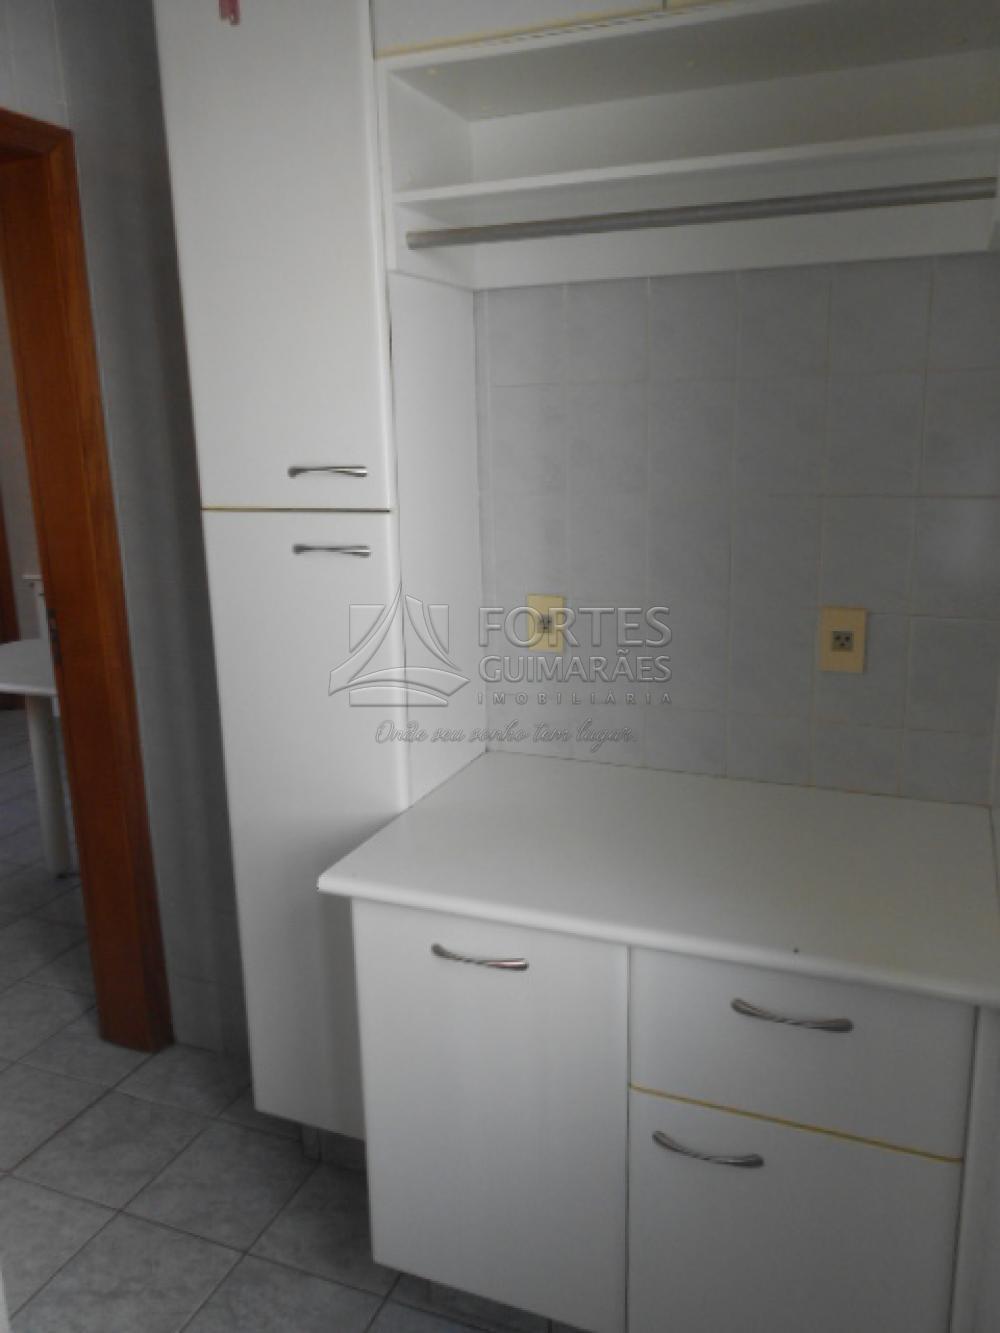 Alugar Apartamentos / Padrão em Ribeirão Preto apenas R$ 1.100,00 - Foto 48